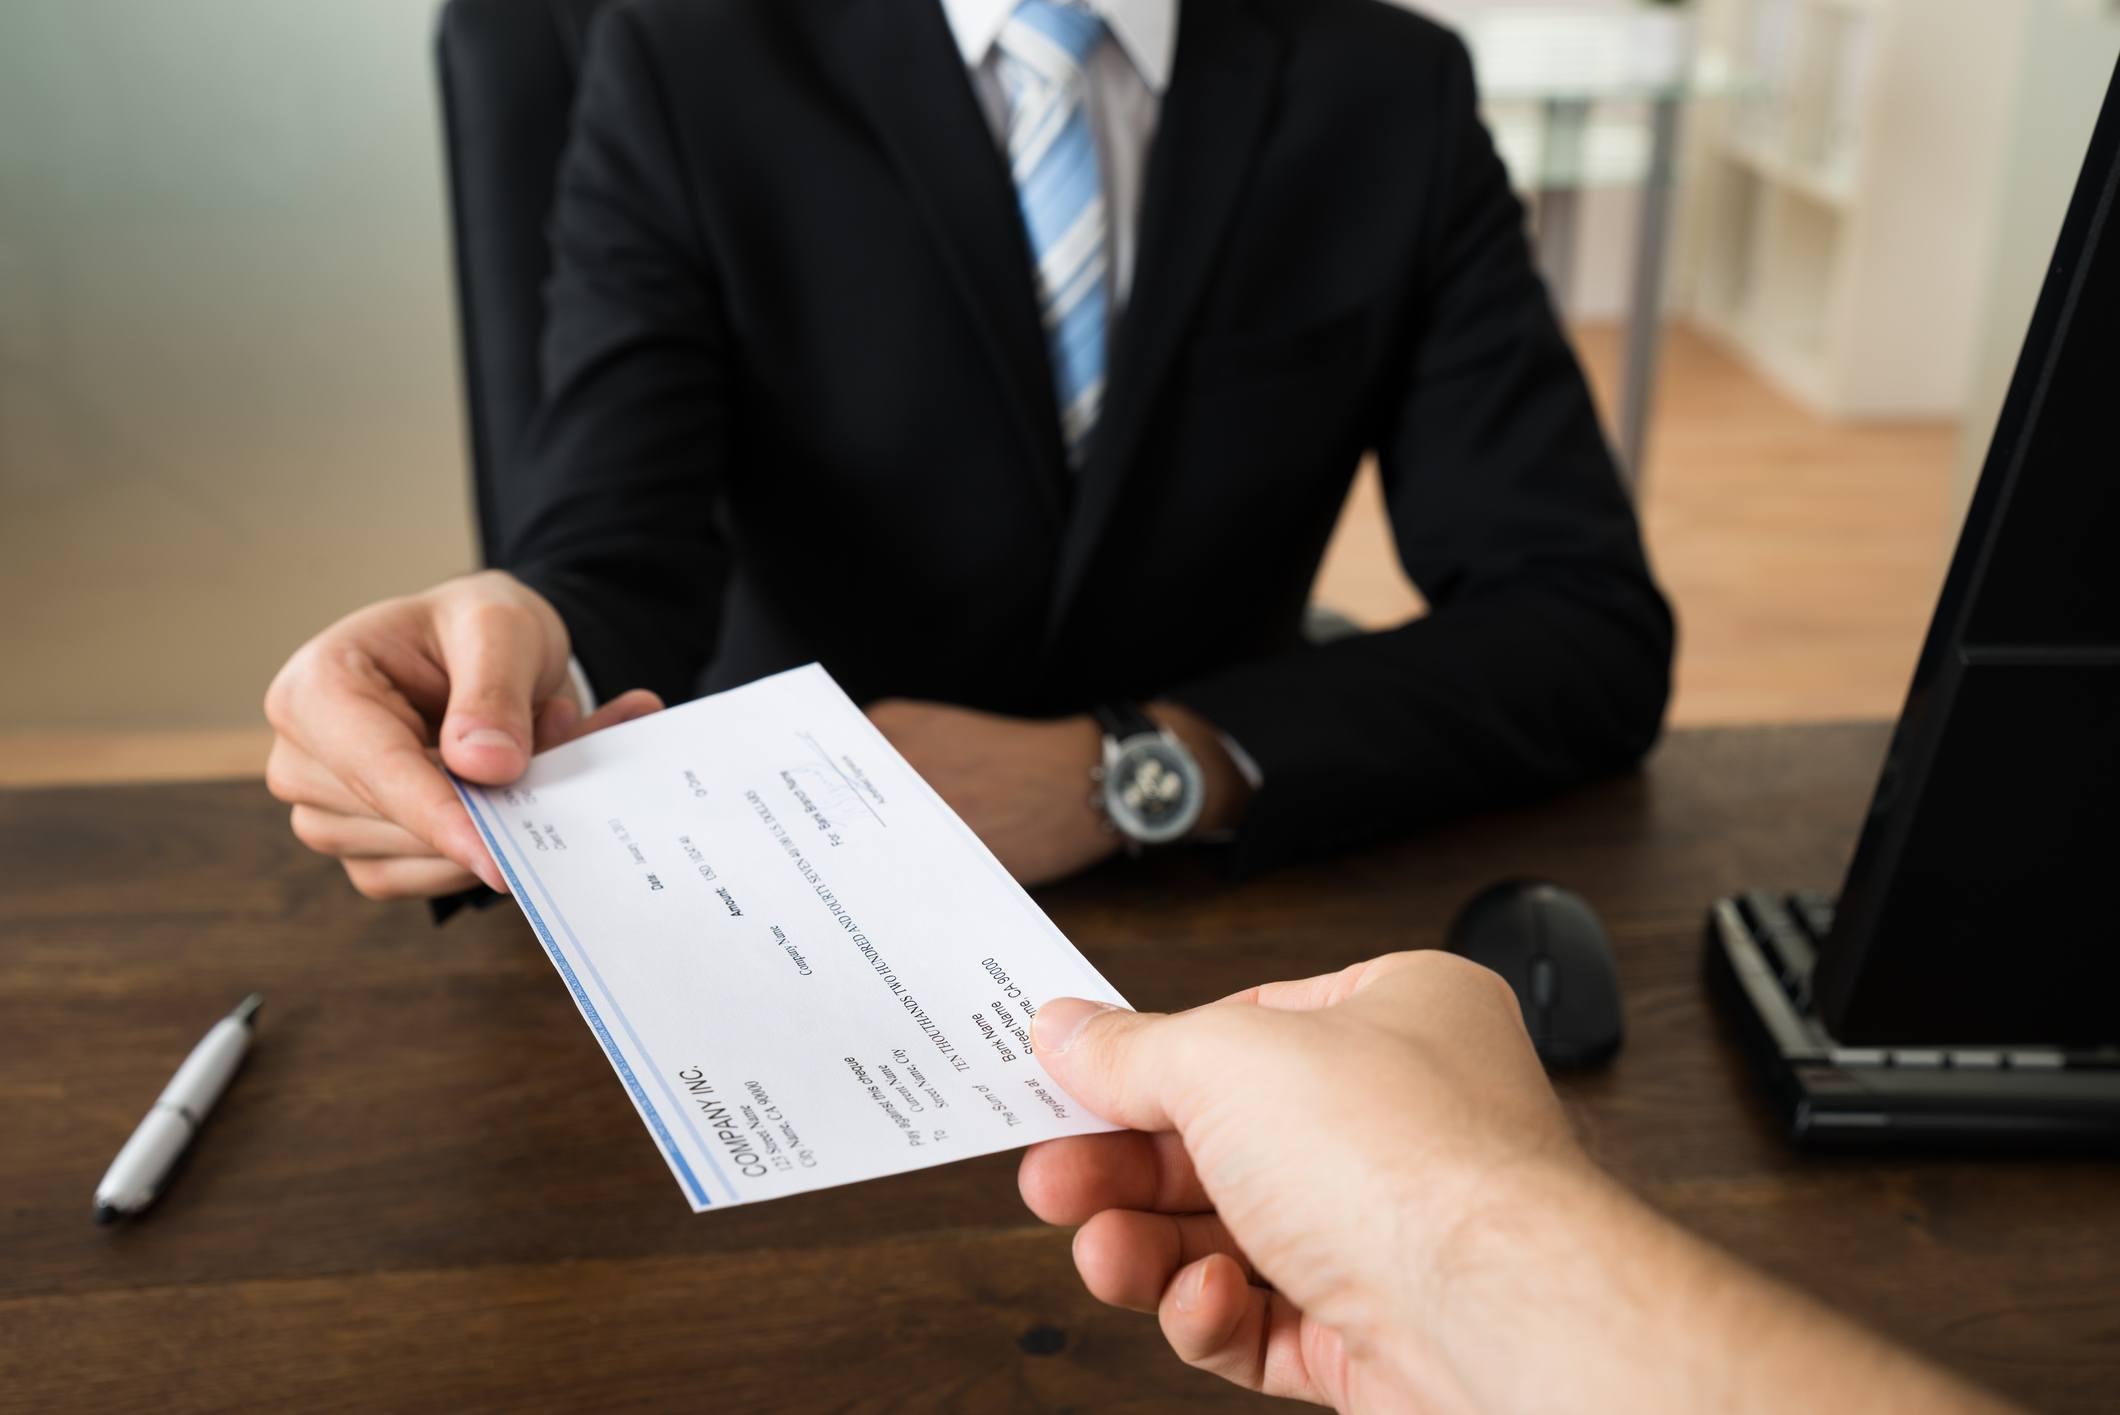 person hands someone a check